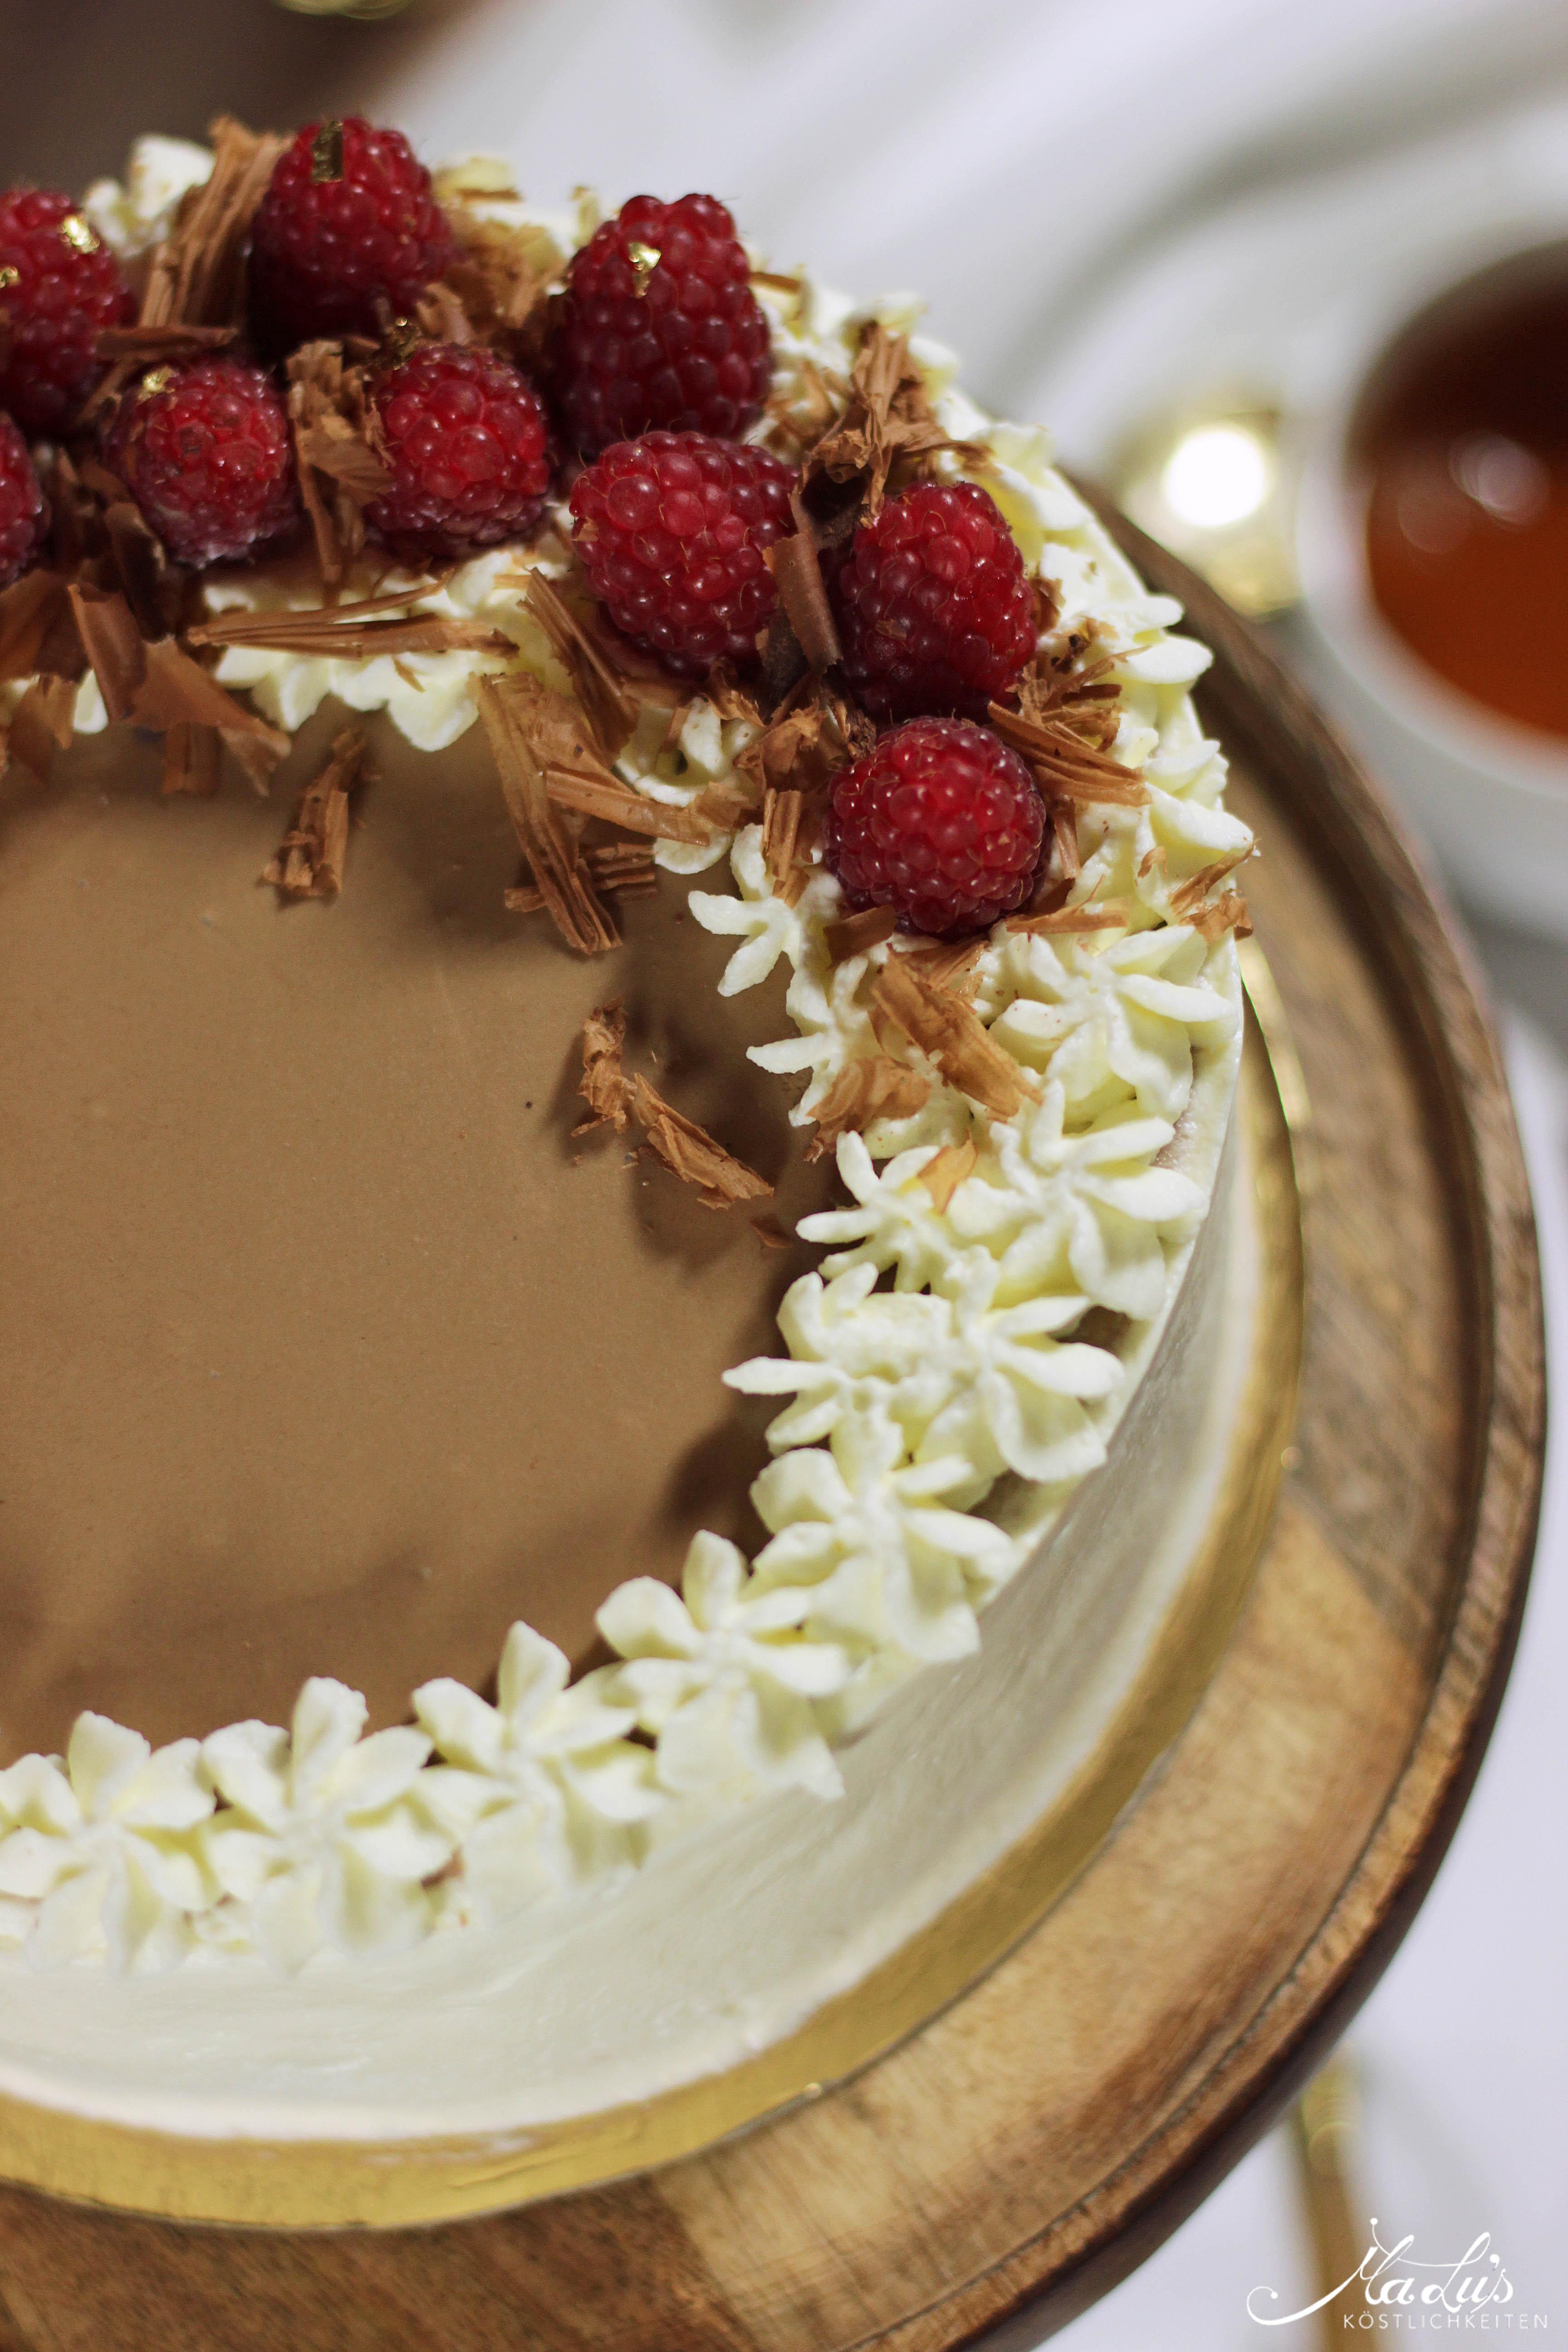 Earl Grey Schokoladentorte mit Himbeeren 12